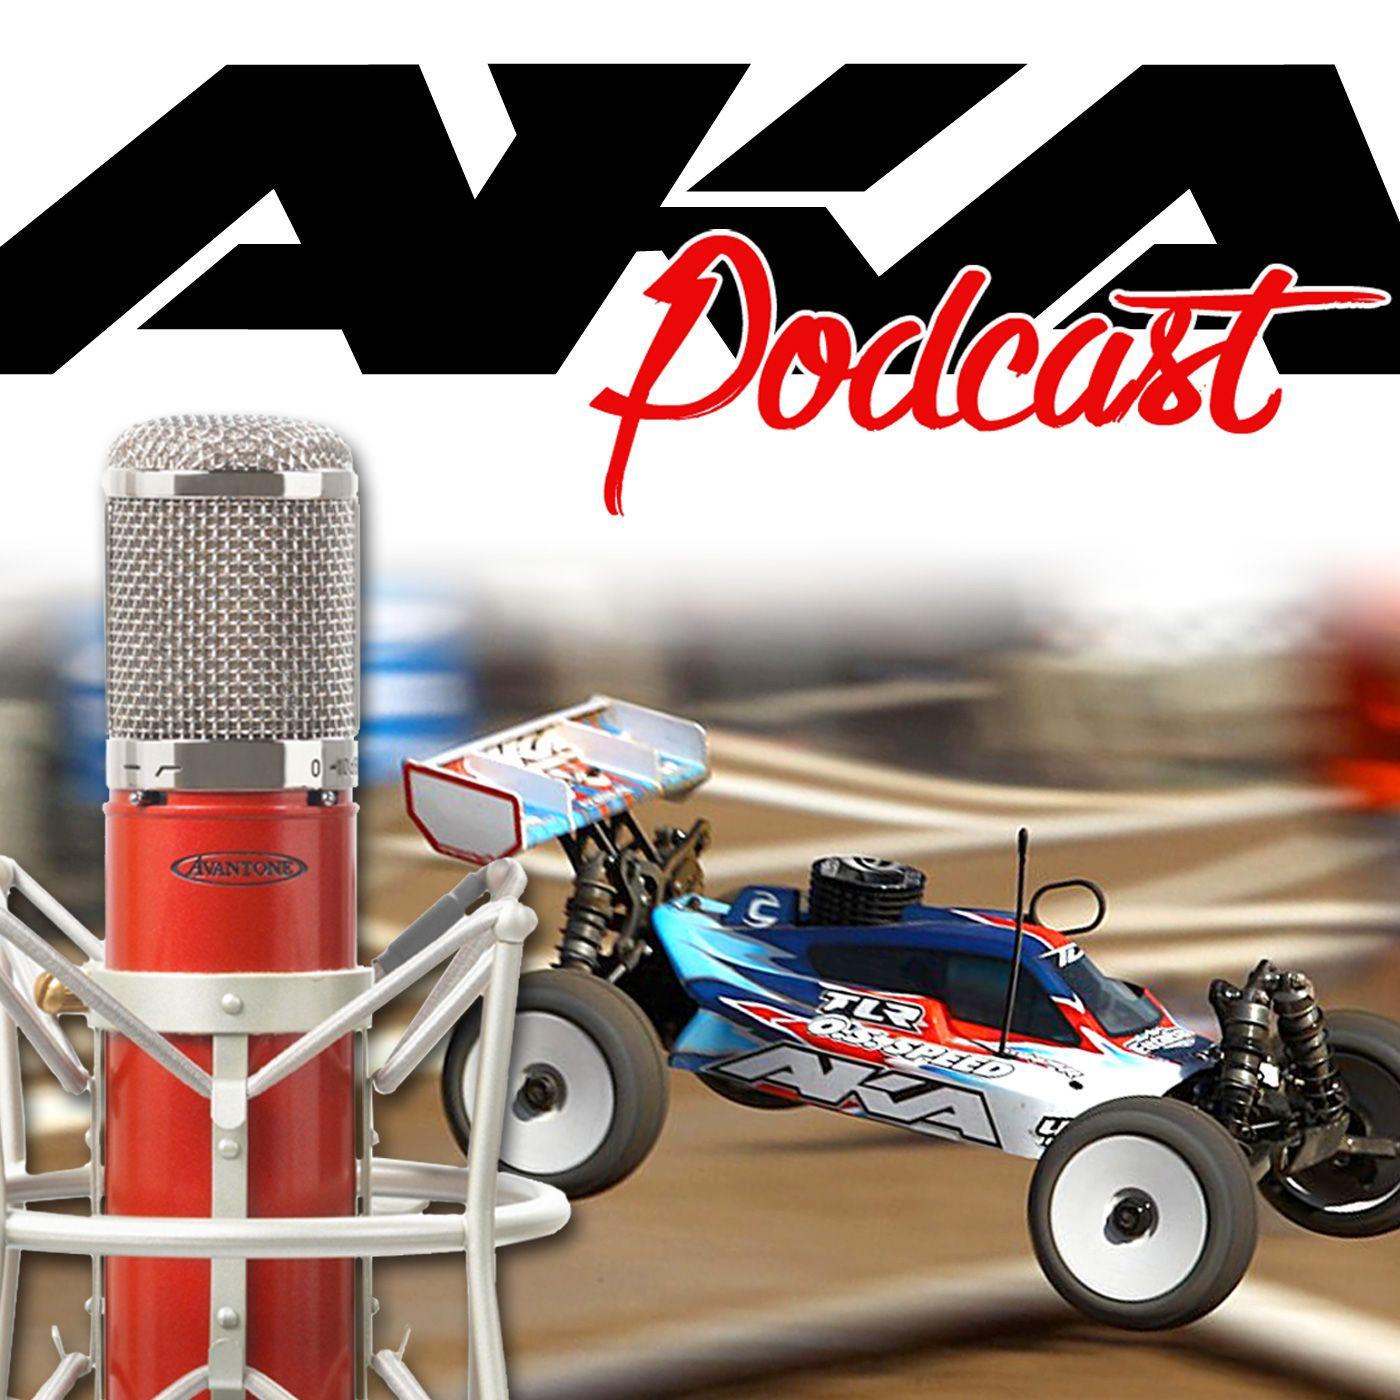 AKA Podcast